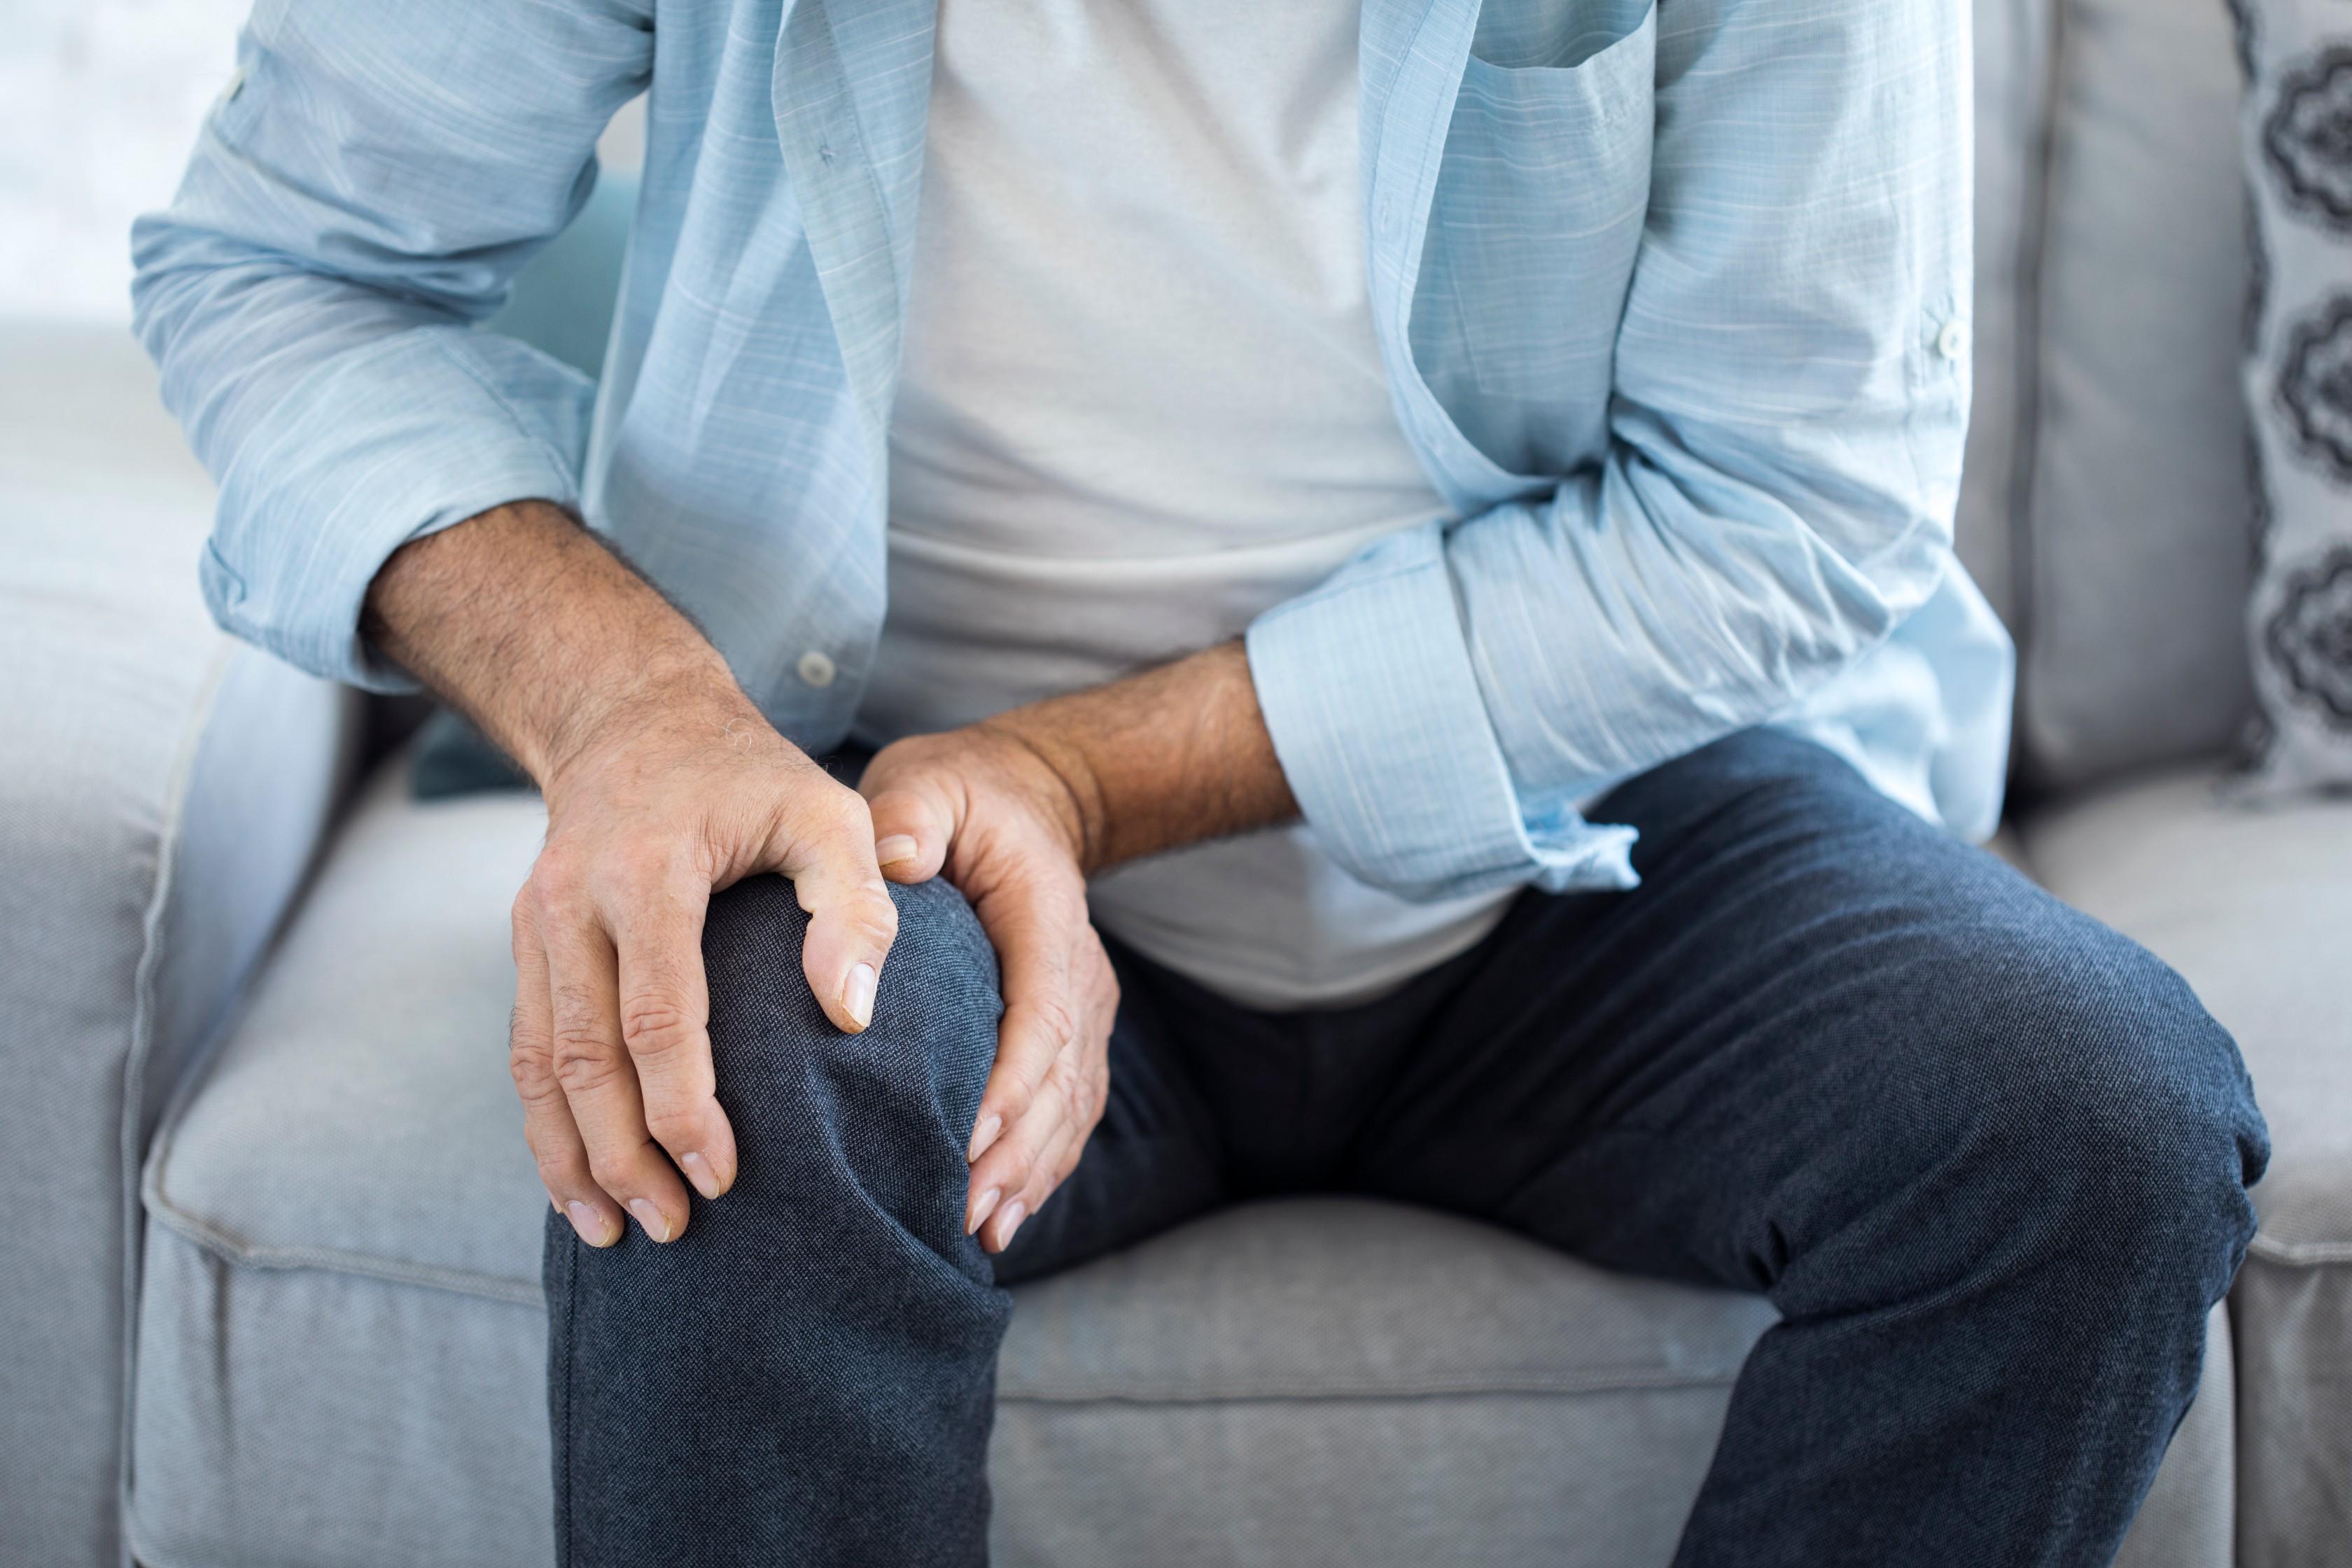 ízületek fájnak ízületi kezelés